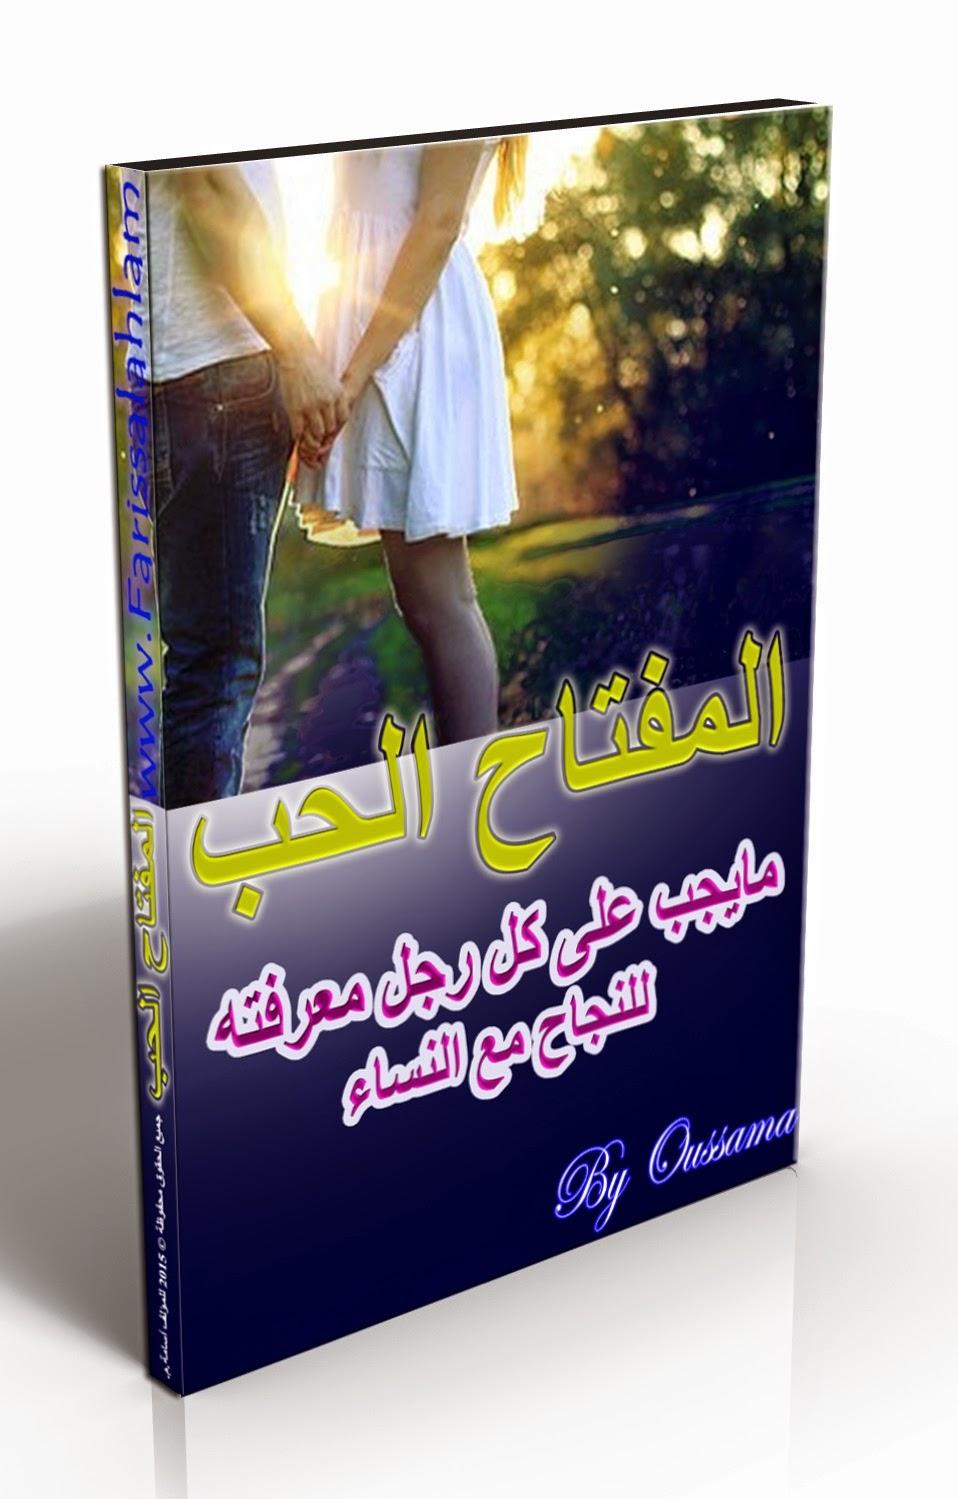 كتاب : المفتاح الحب